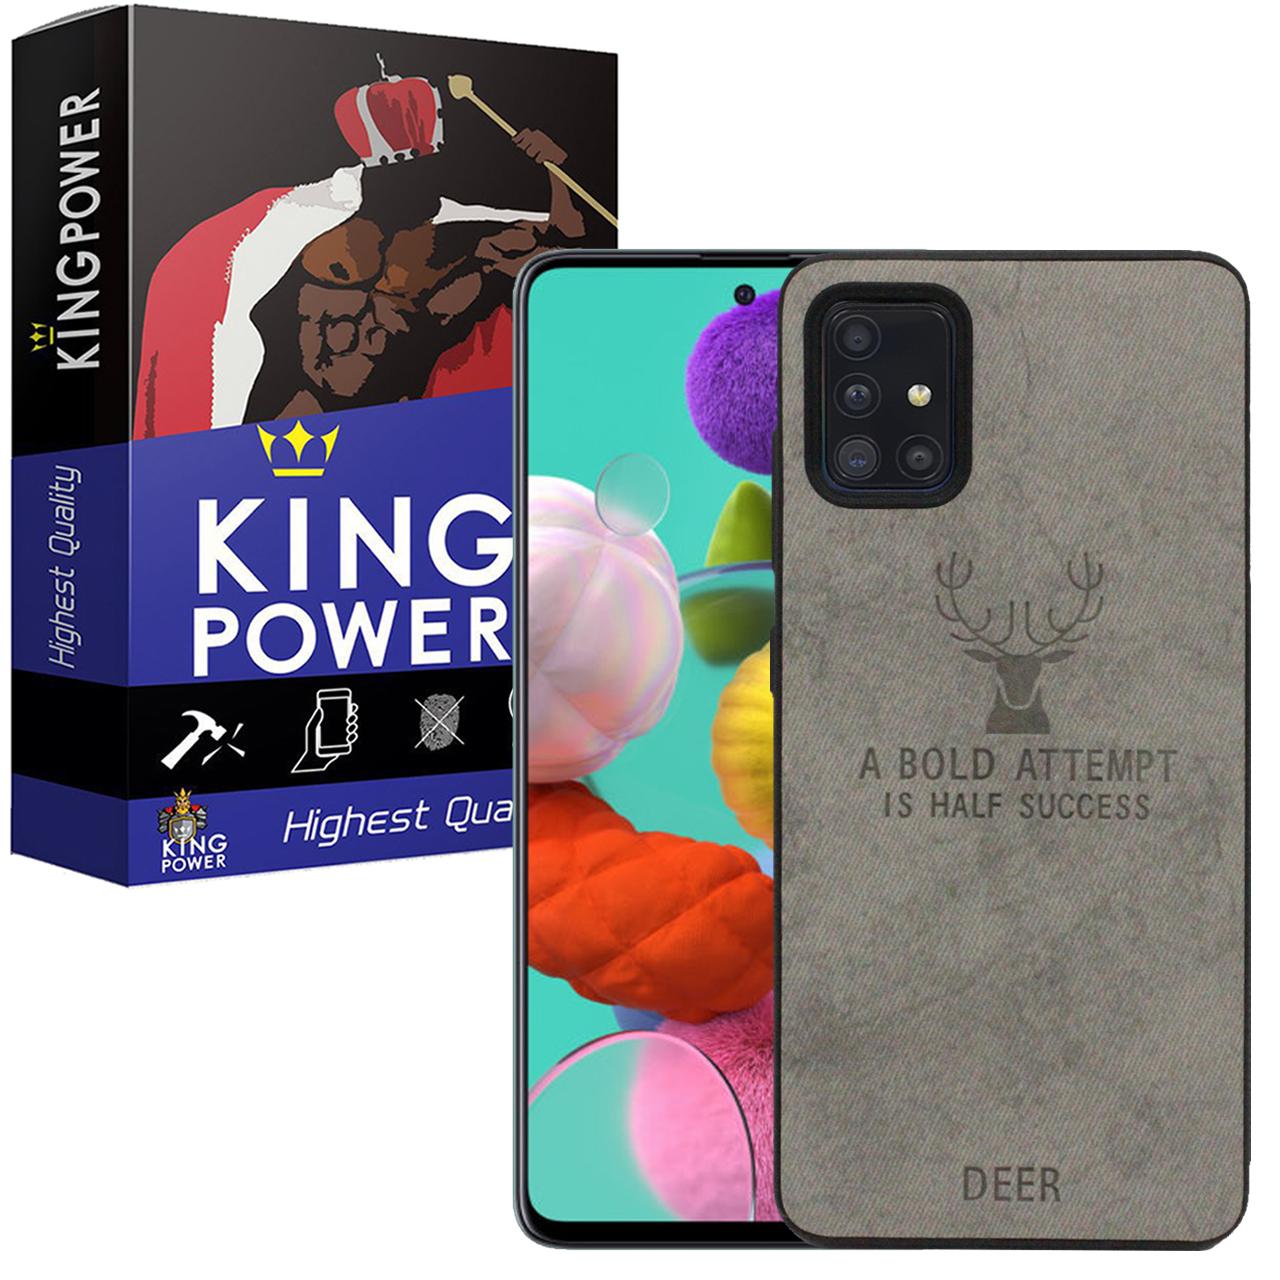 کاور کینگ پاور مدل D121 مناسب برای گوشی موبایل سامسونگ Galaxy A51